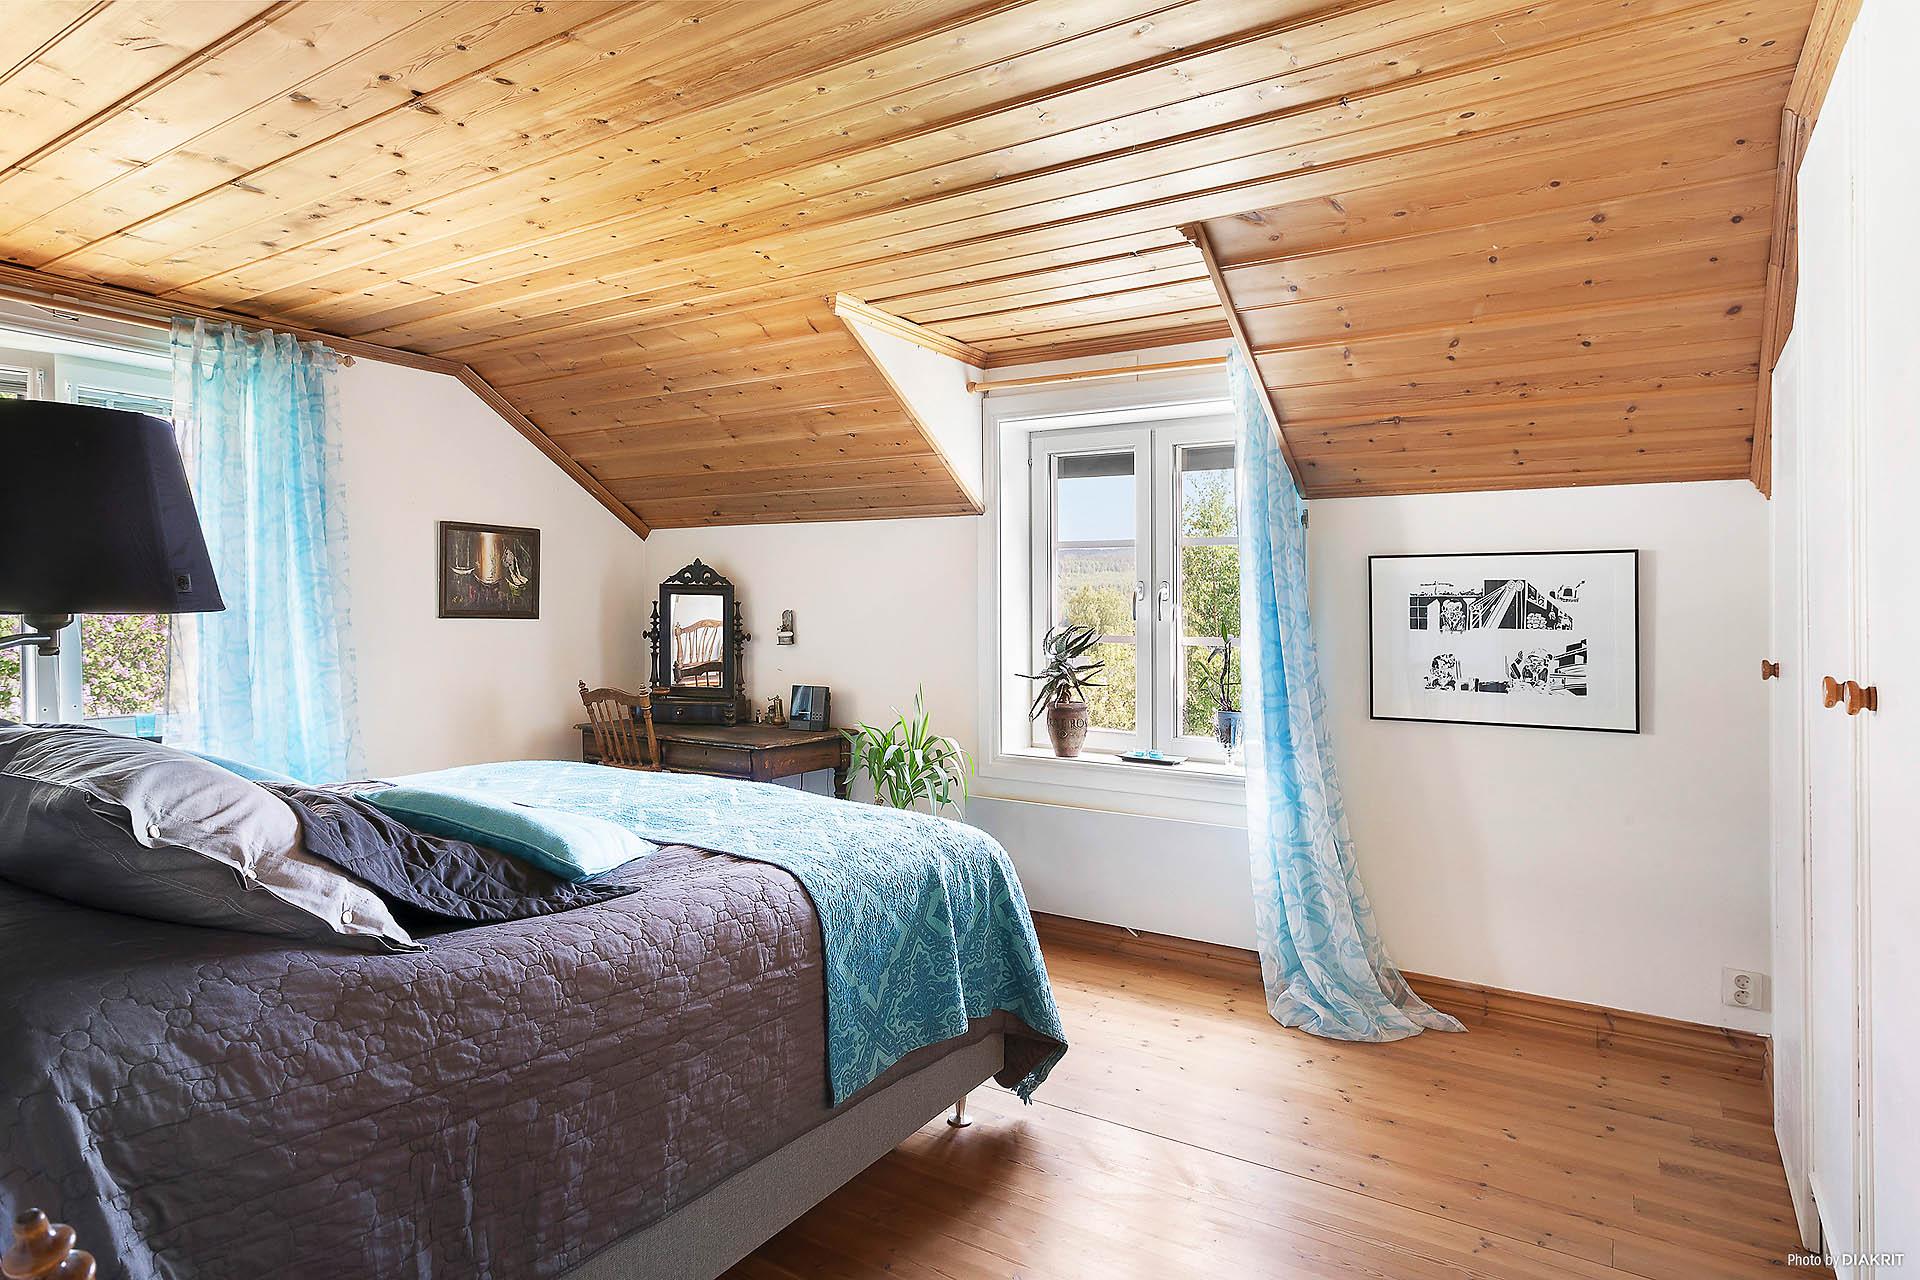 Sovrum 2 med fina utrymmen och havsutsikt.